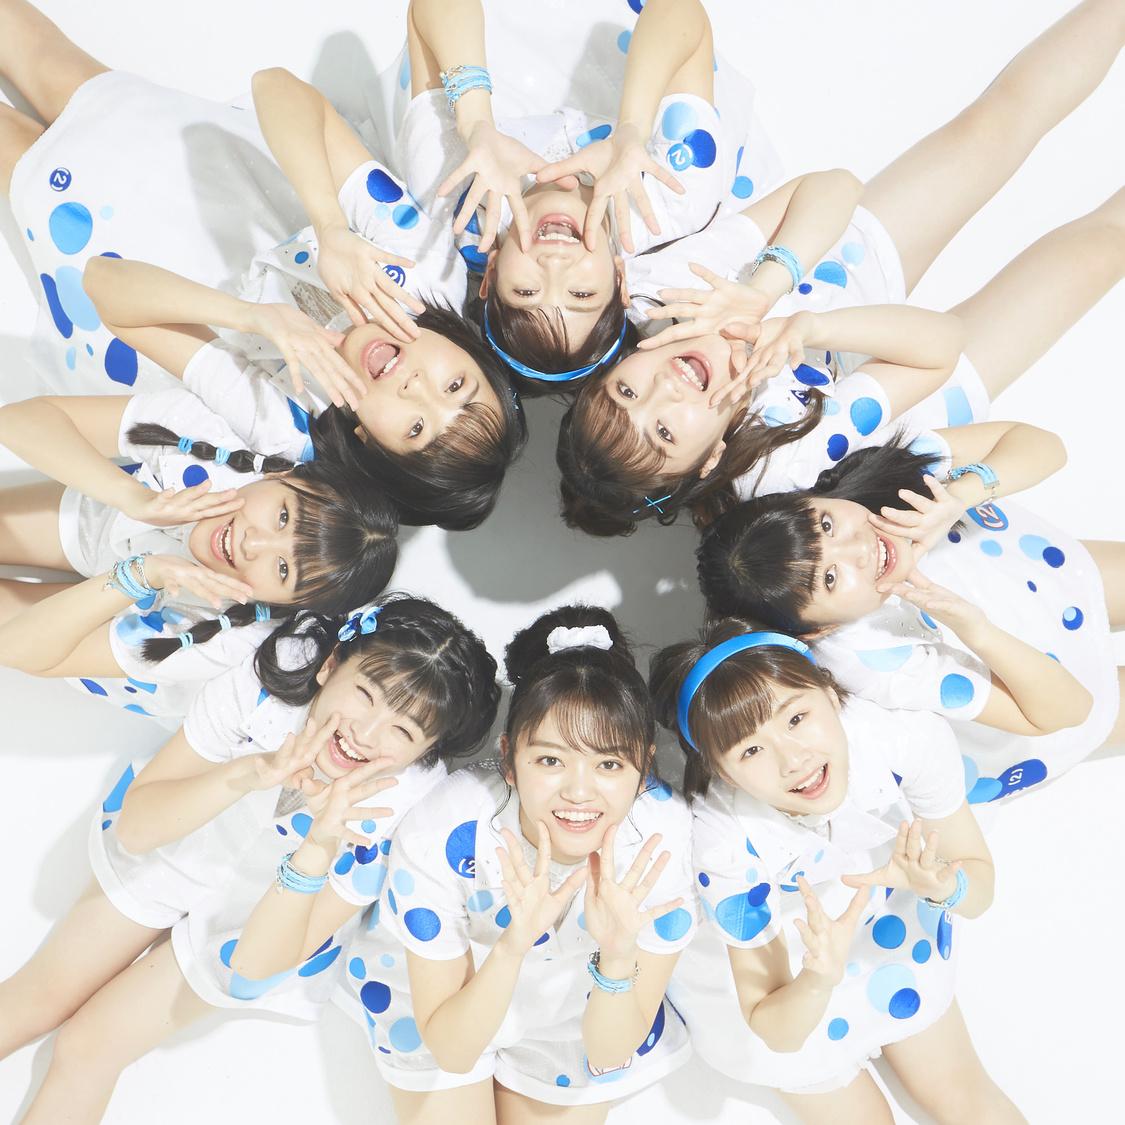 アプガ(2)、大森靖子作詞作曲による両A面新SG発売決定!「1番大切なものを持っているグループだと思い」